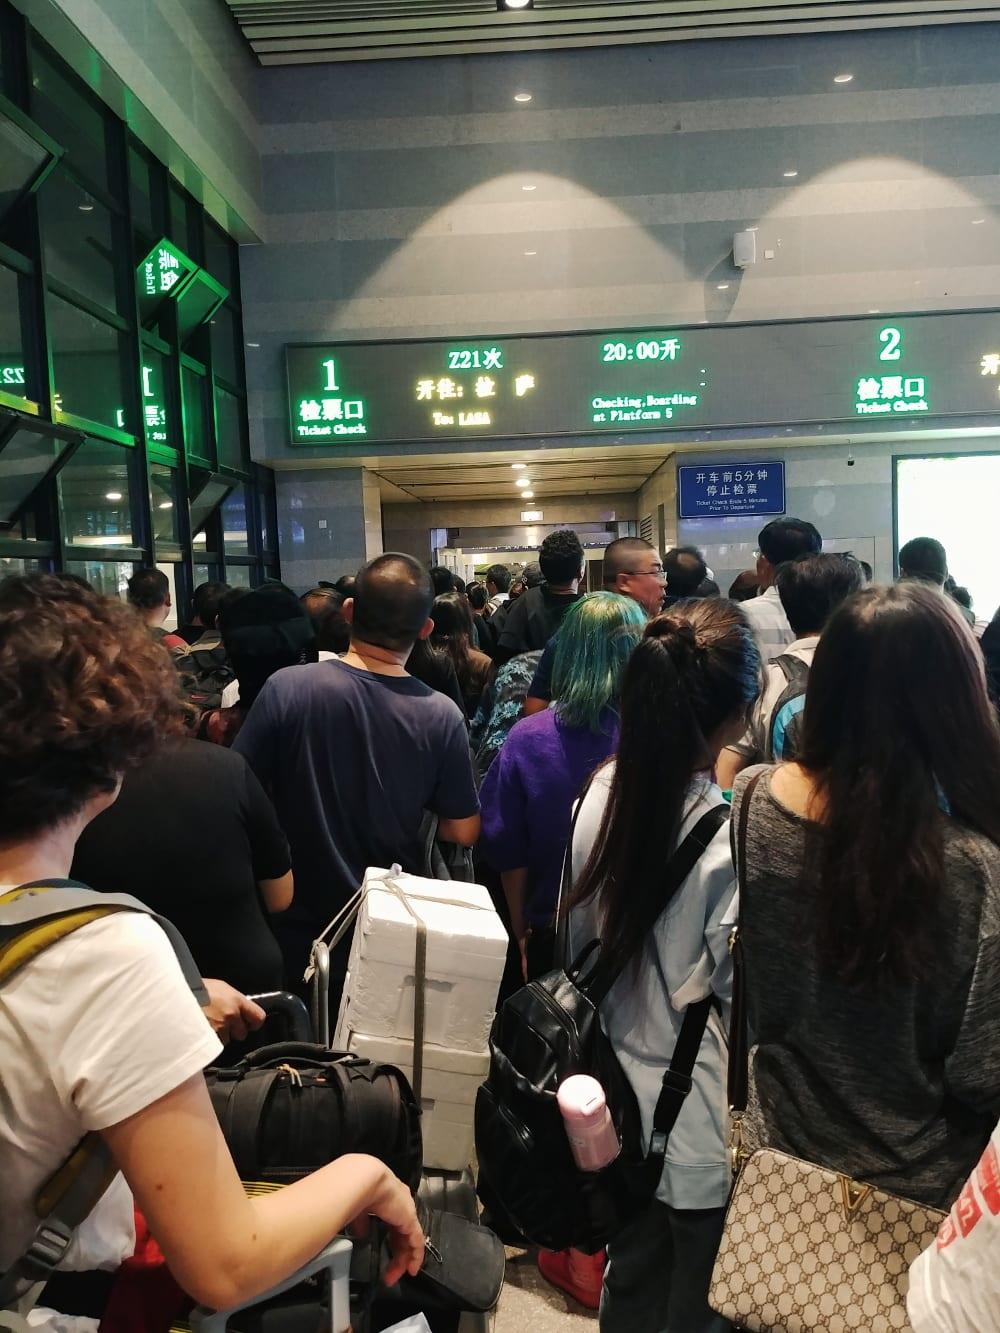 Anstehen für den Zug von Peking nach Tibet